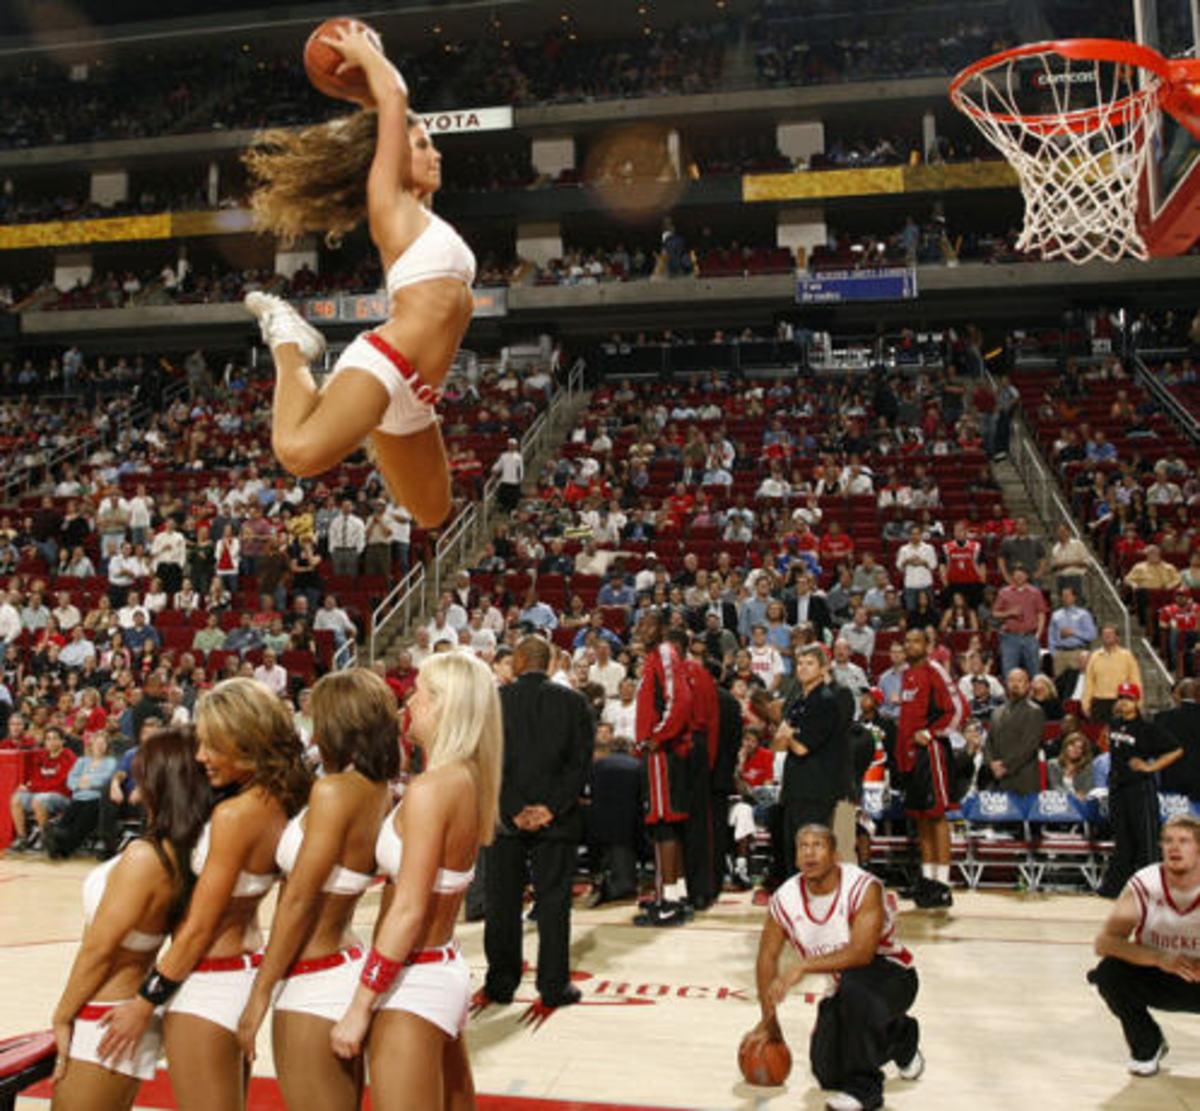 Καρφί» για γυναικείο basket με εσώρουχα – Αποκαλυπτικό video, φωτο | Newsit.gr